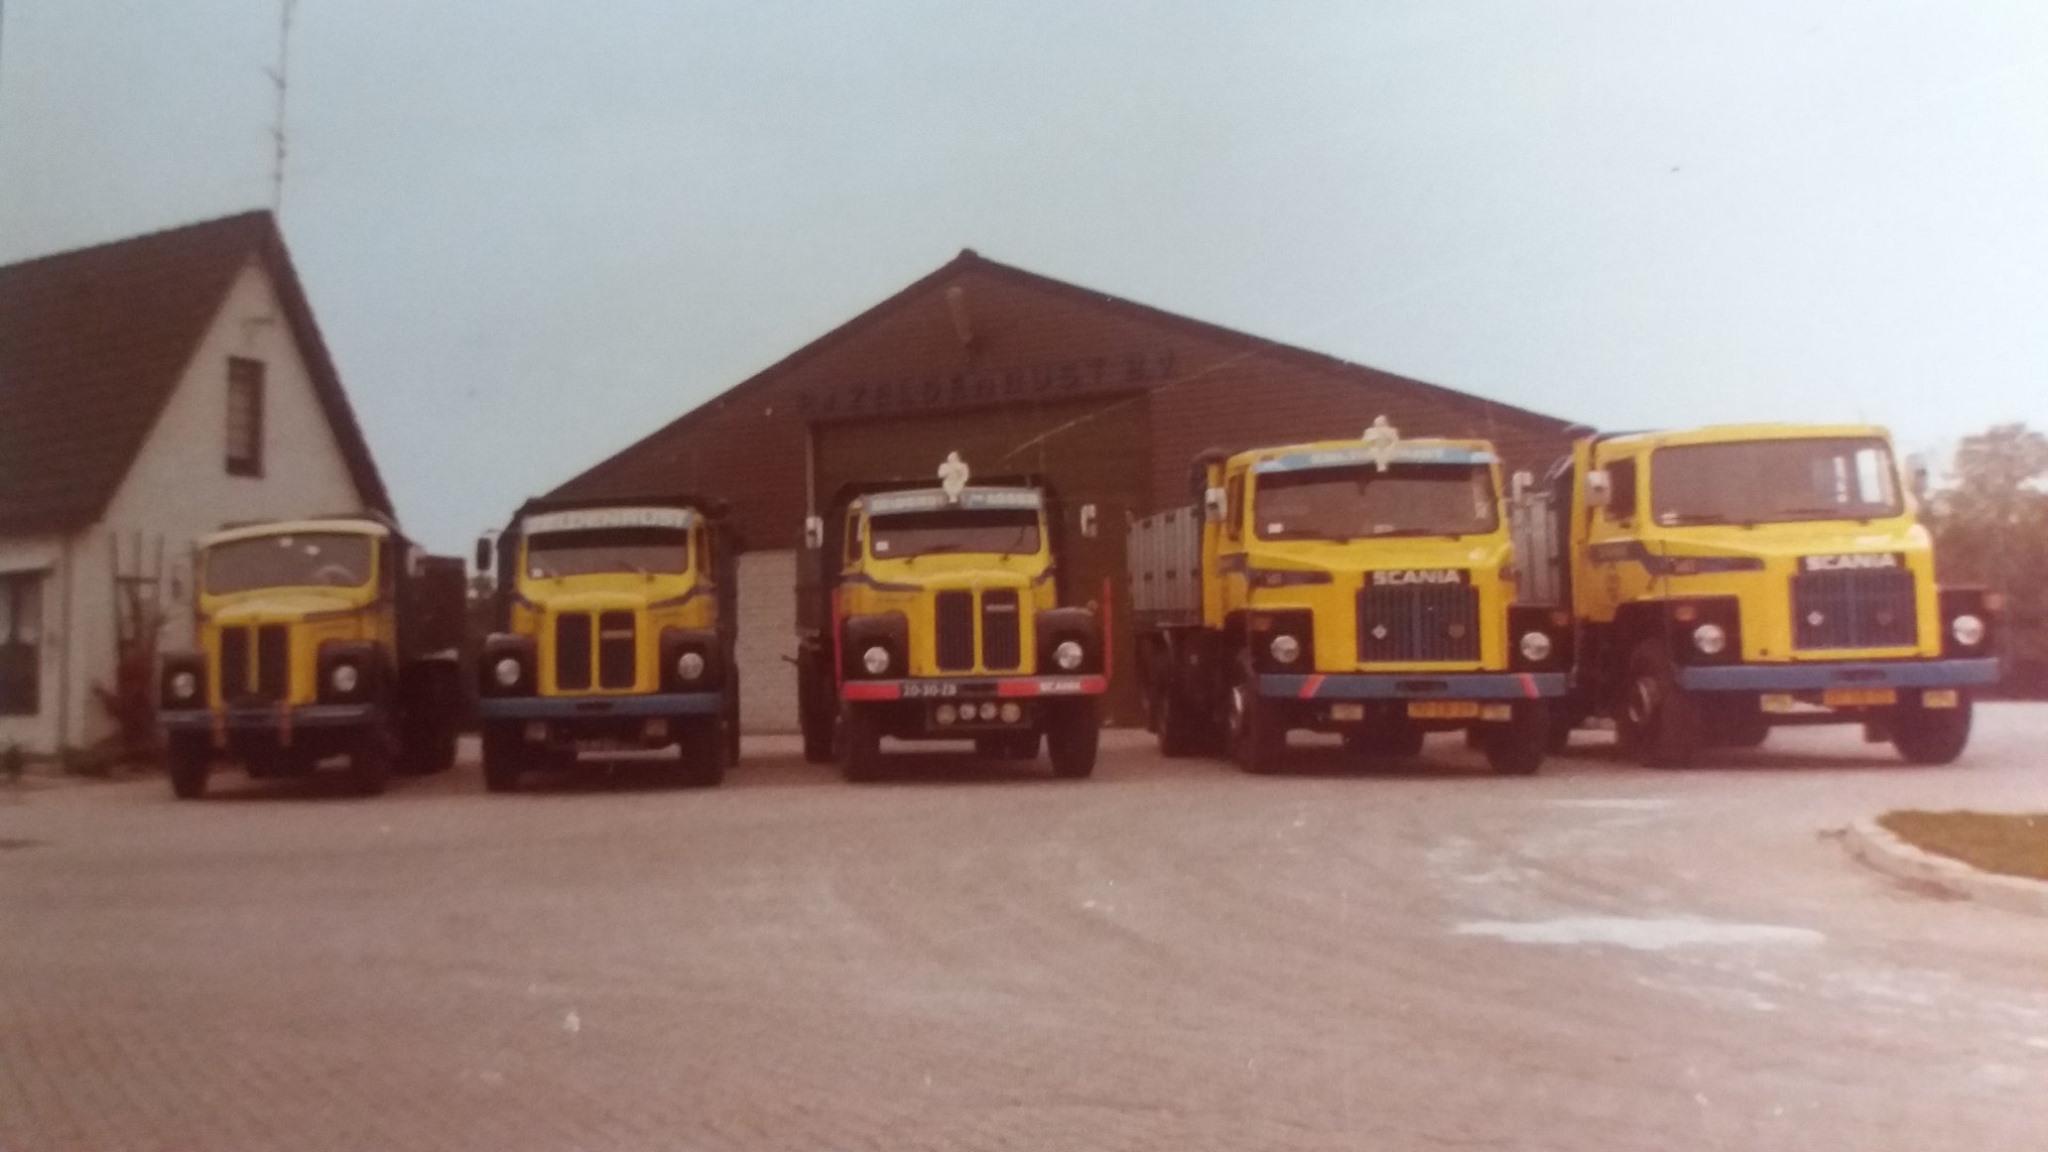 Kroeze-Beton-Muntendam--Scania--76-101-111-2-141-Henk-Drenth-archief